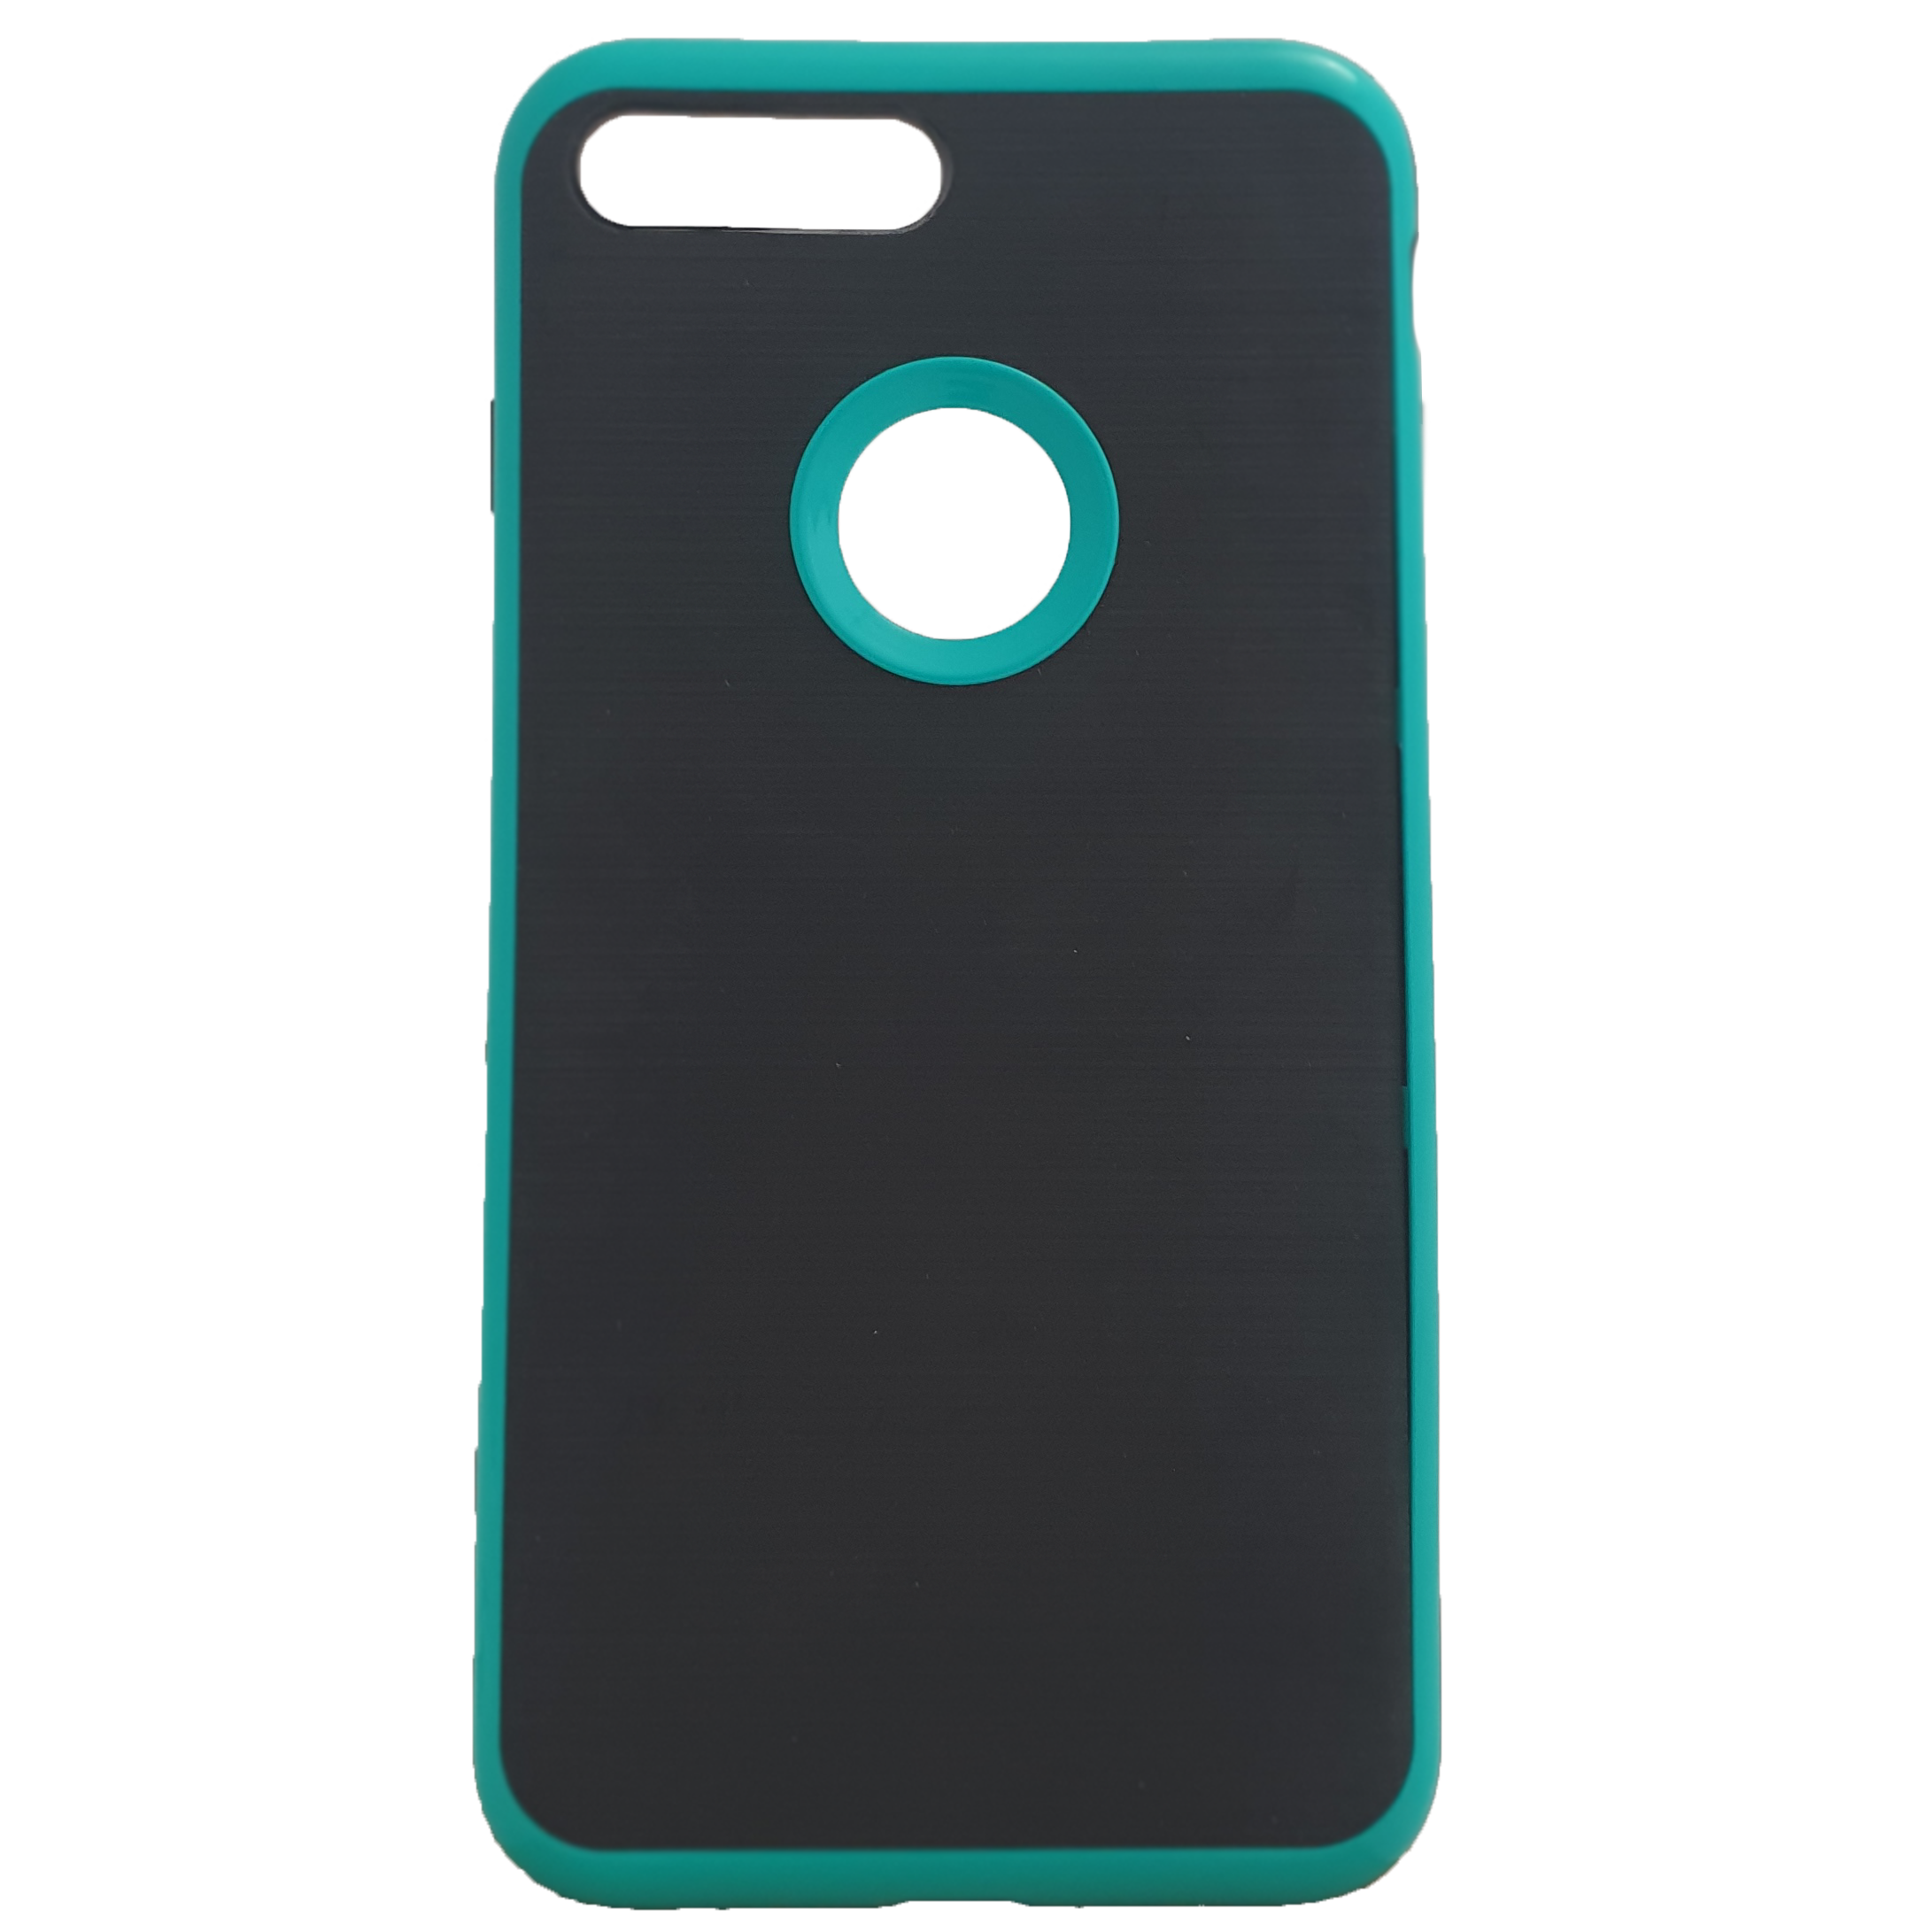 Mobilskal iPhone 7 Plus Svart Grön